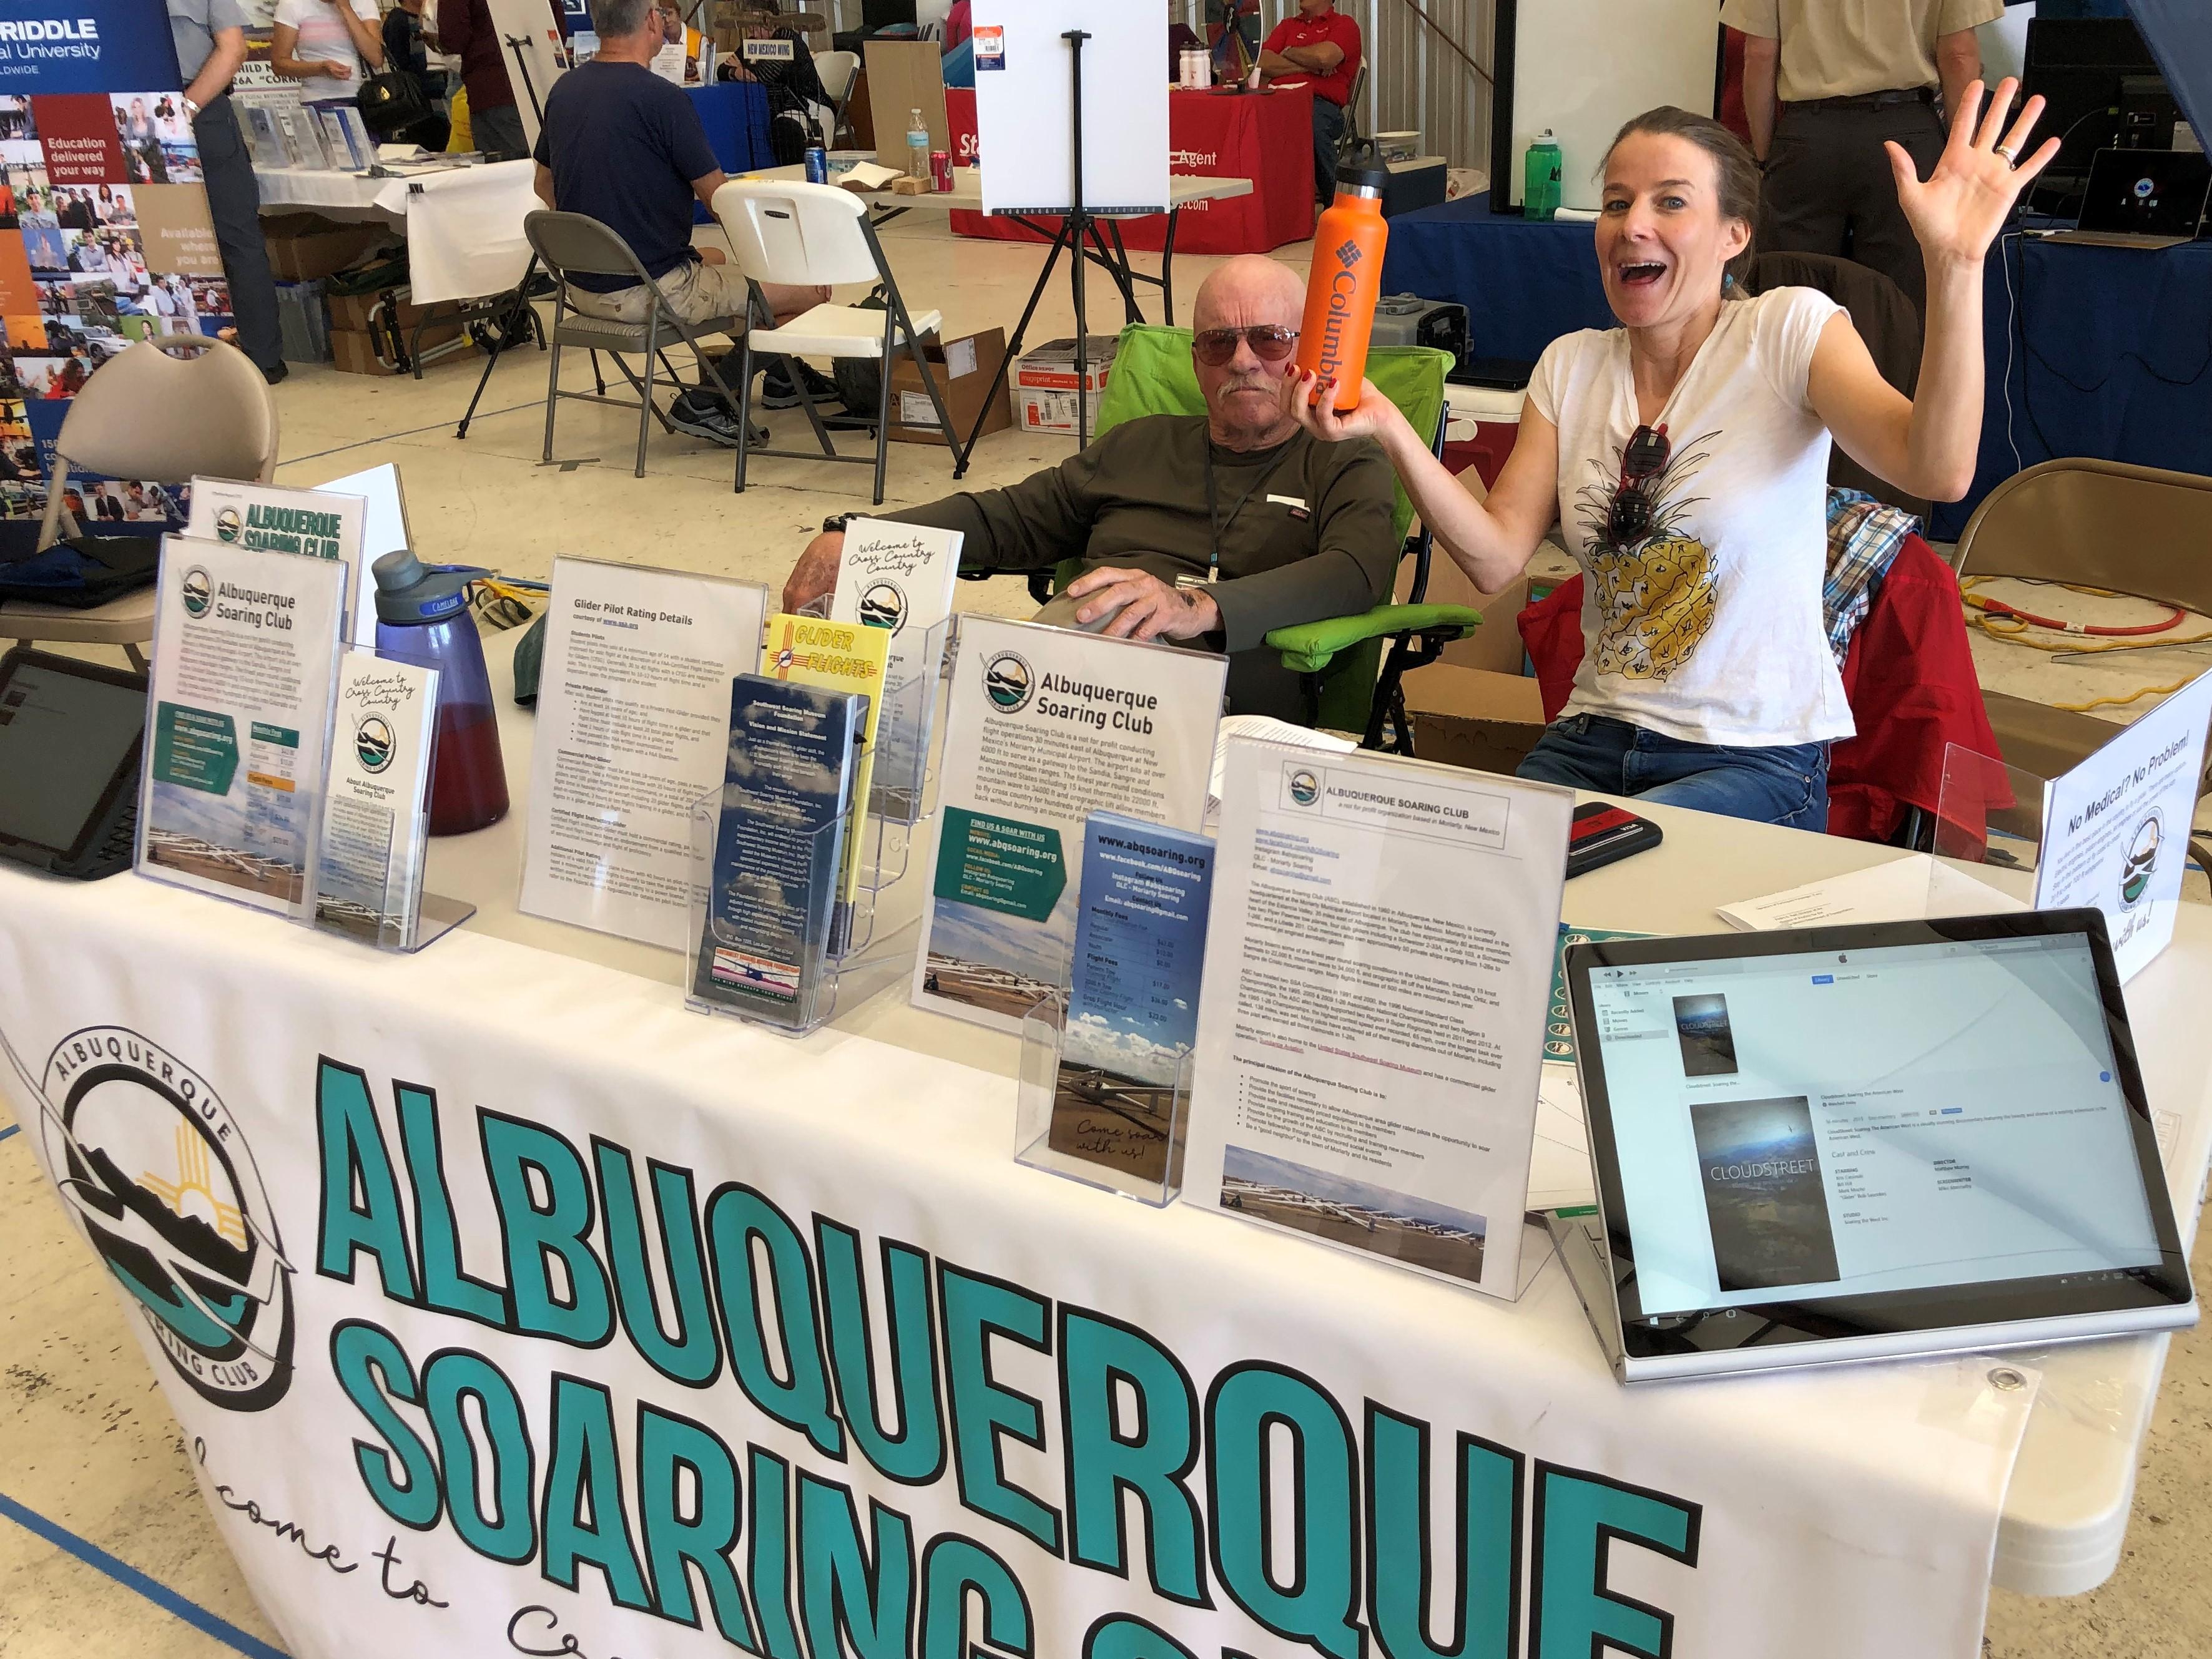 Albuquerque Soaring